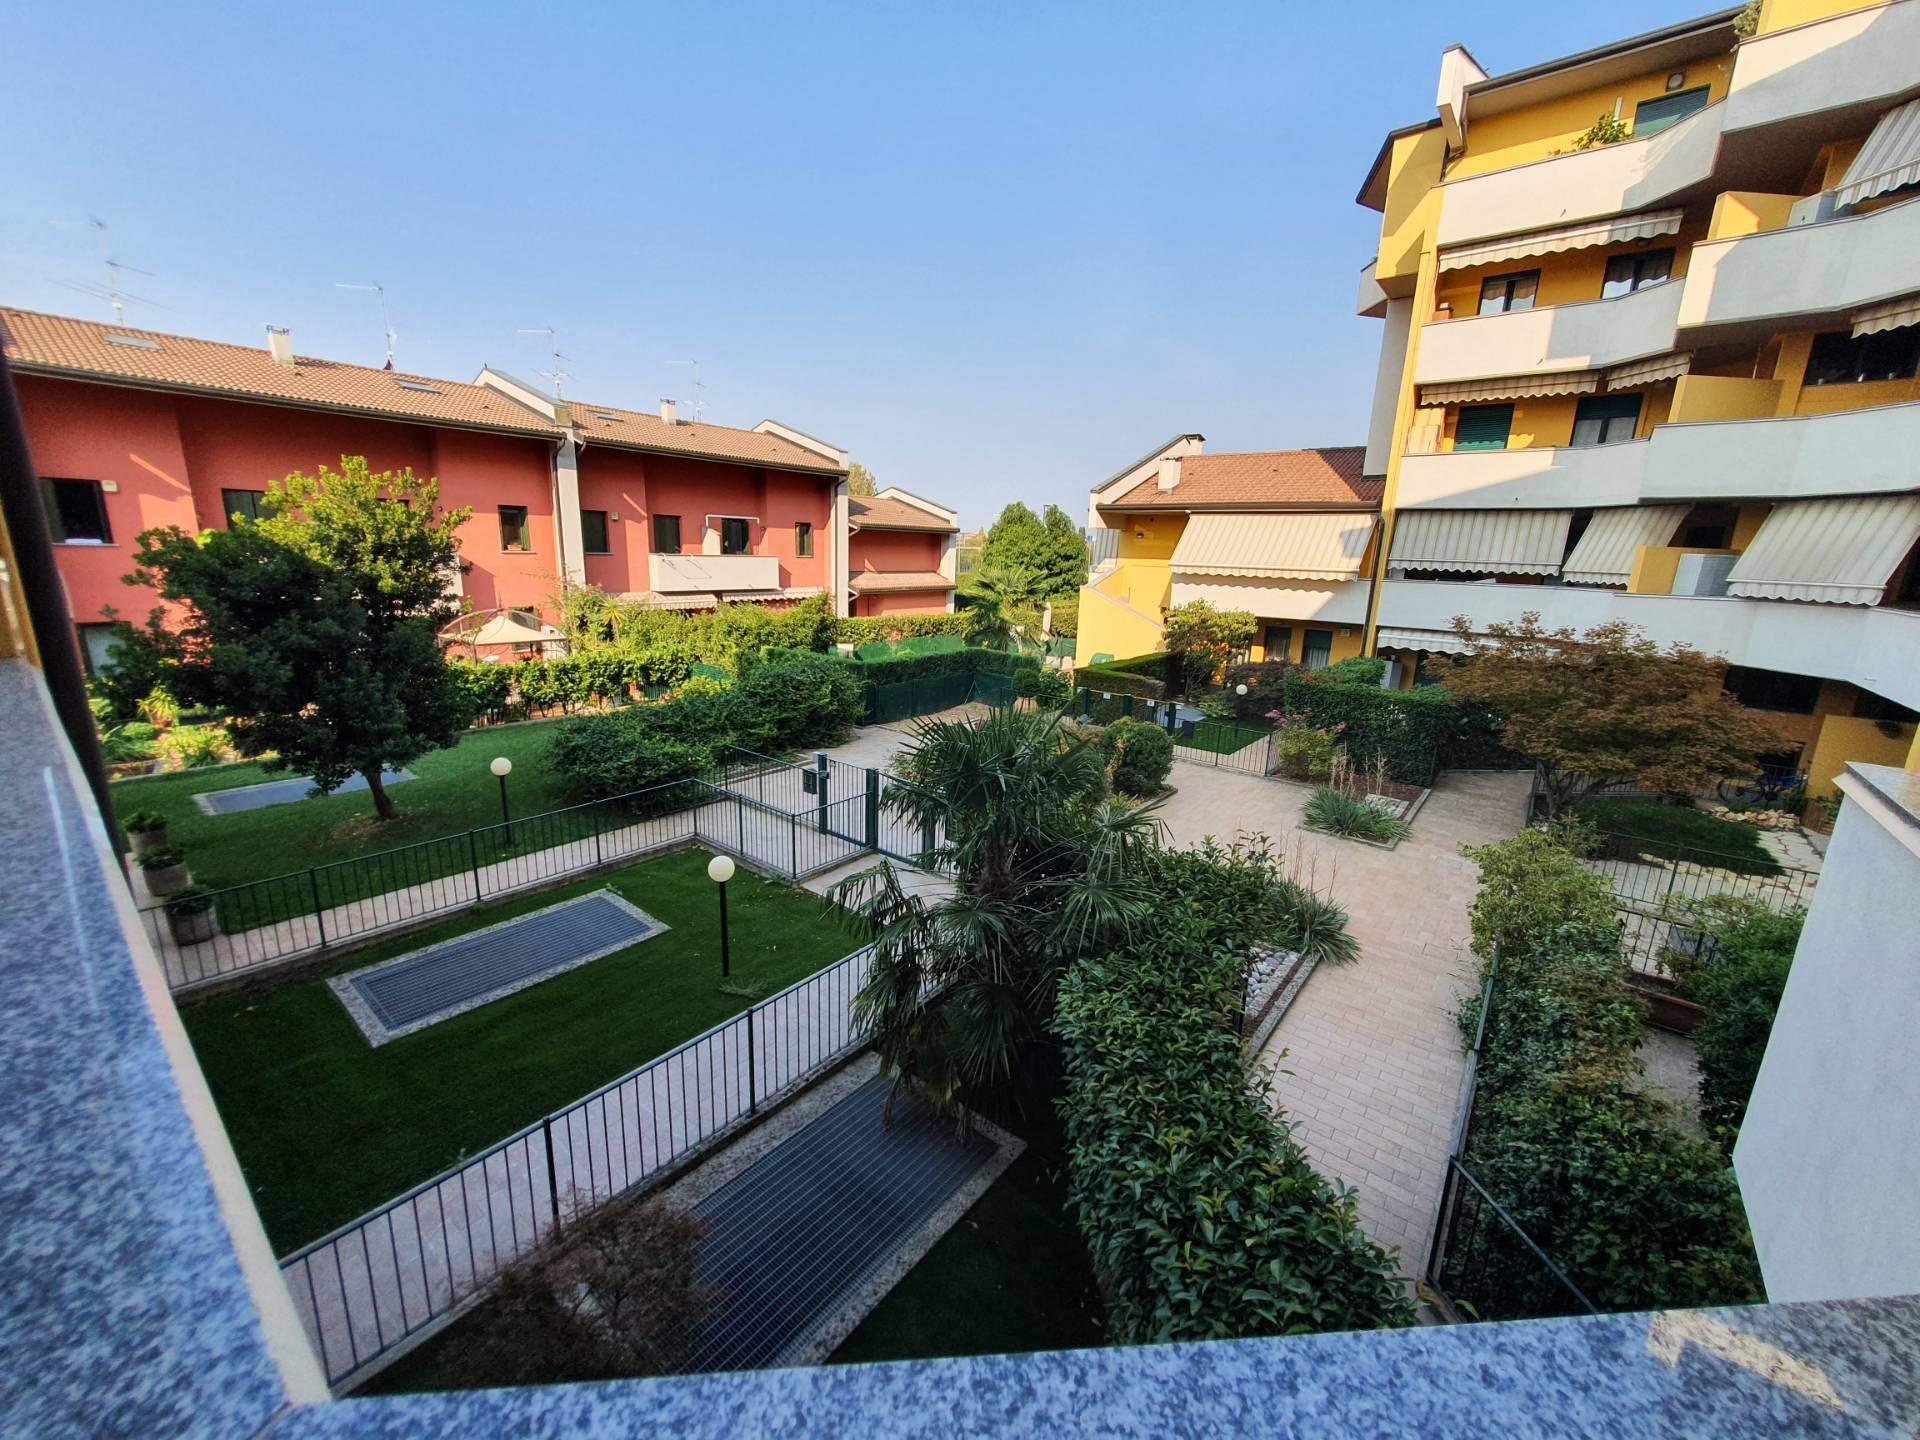 Appartamento in vendita a Orio al Serio, 3 locali, prezzo € 159.000   PortaleAgenzieImmobiliari.it